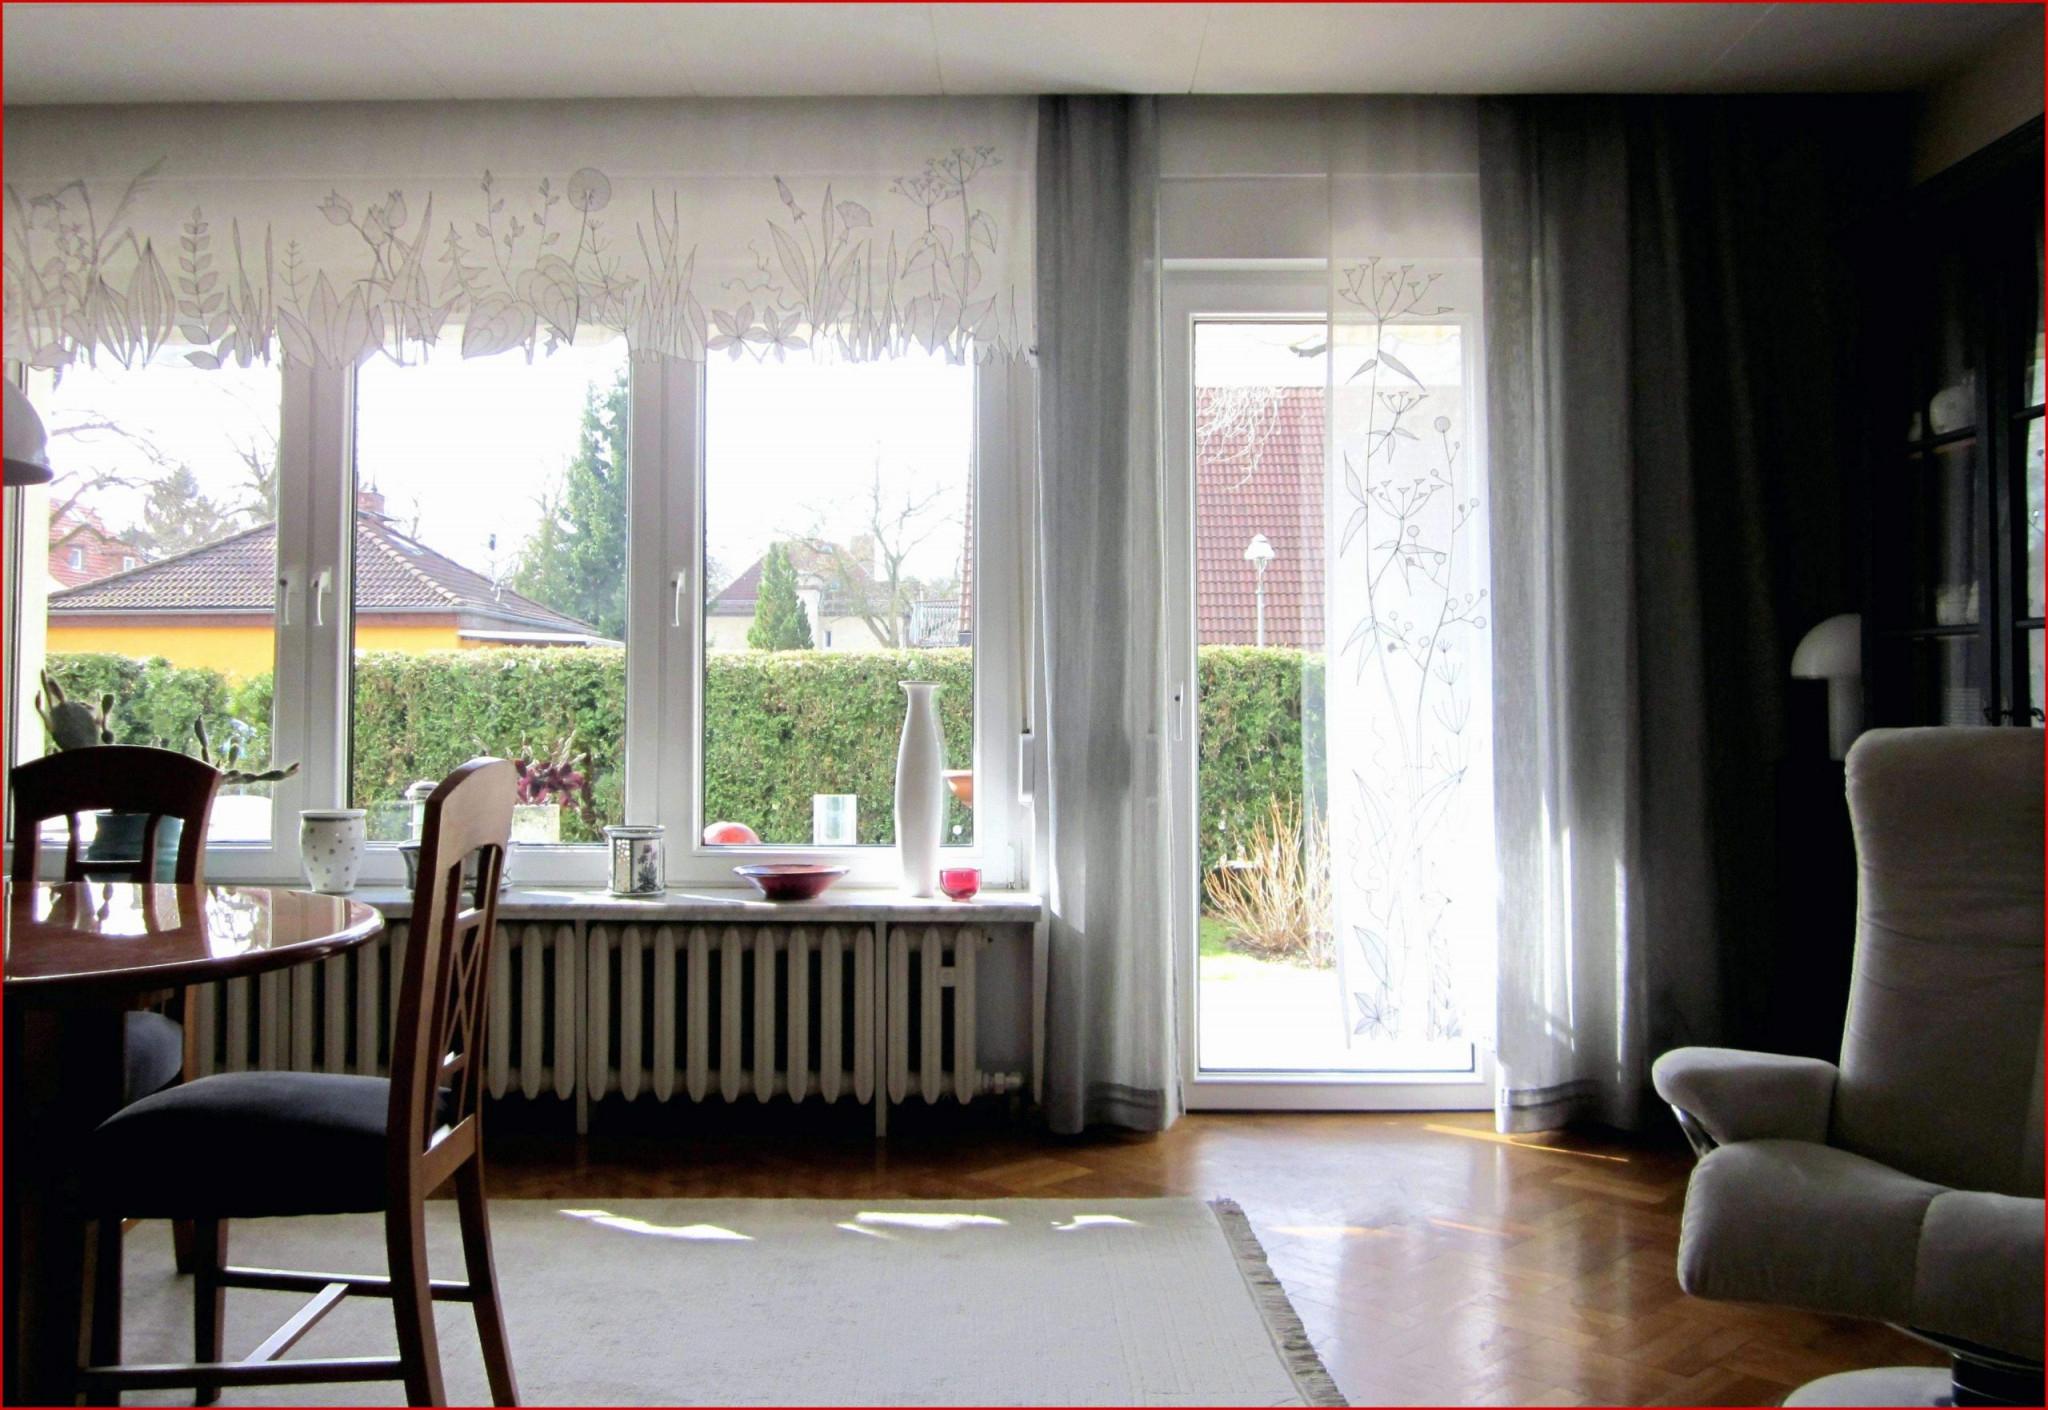 Gardinen Für Wohnzimmer Genial Schön Gardinen Für Wohnzimmer von Gardinen Wohnzimmer Mit Balkontür Photo